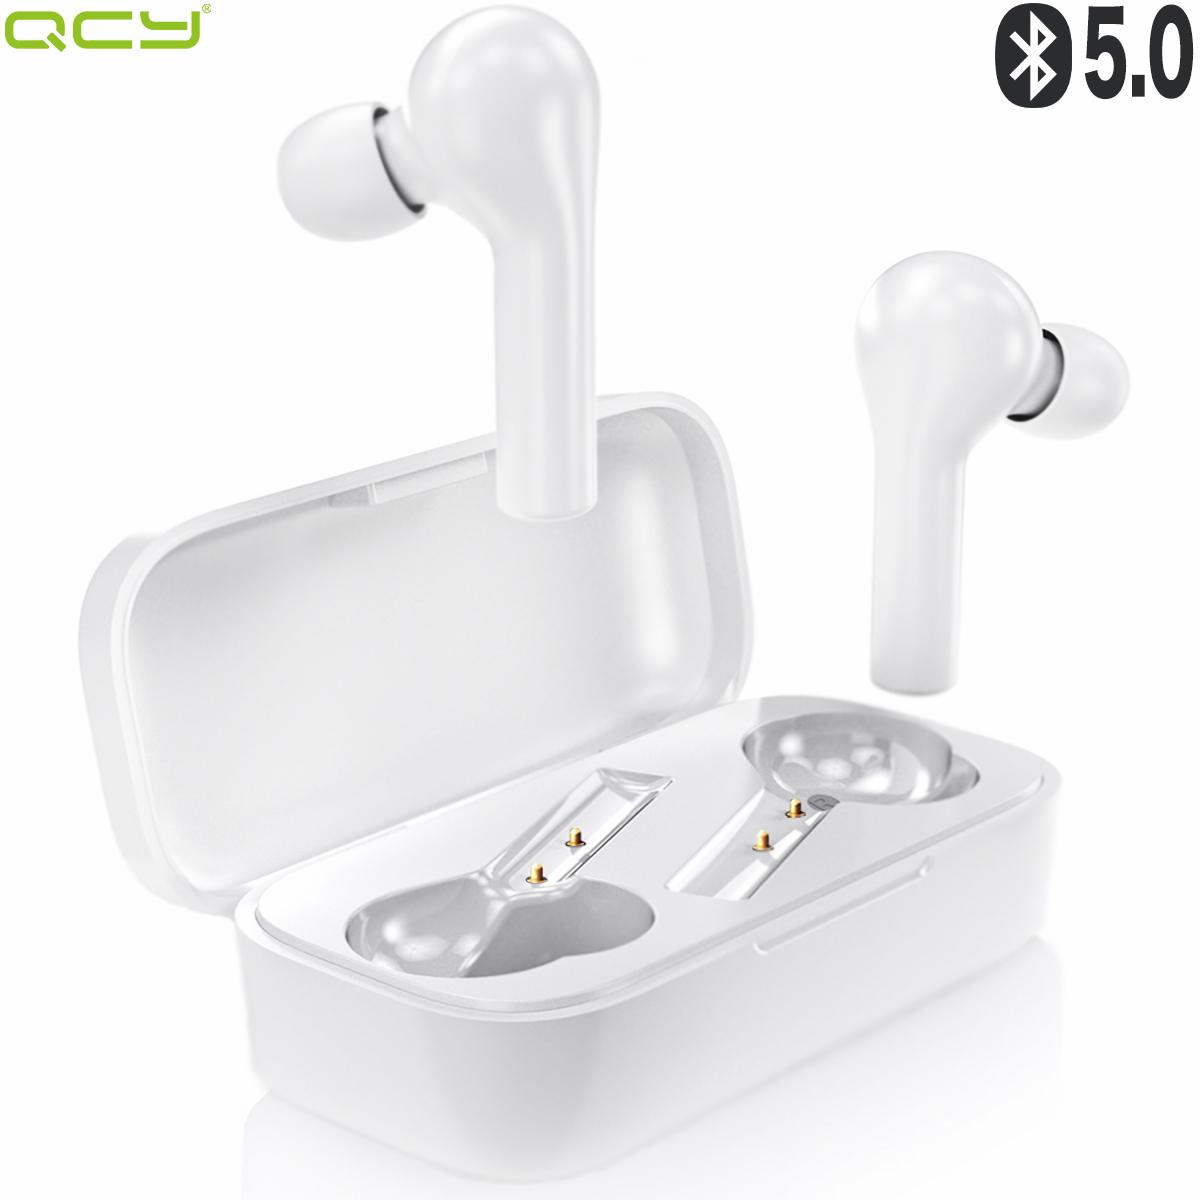 携帯 コードレス ワイヤレス イヤホン Bluetooth スポーツ ランニング おすすめ コンパクト 長時間再生 左右分離方 通話可能 ノイズキャンセリング 可愛い おしゃれ かわいい 「1位 ゲームモード搭載」QCY T5 ワイヤレスイヤホン Bluetooth イヤホン 完全 ワイヤレス ブルートゥース イヤホン 両耳 片耳 高音質 自動ペアリング タッチ型 カナル型 マイク付き 通話 防水 長時間 iPhone Android 対応